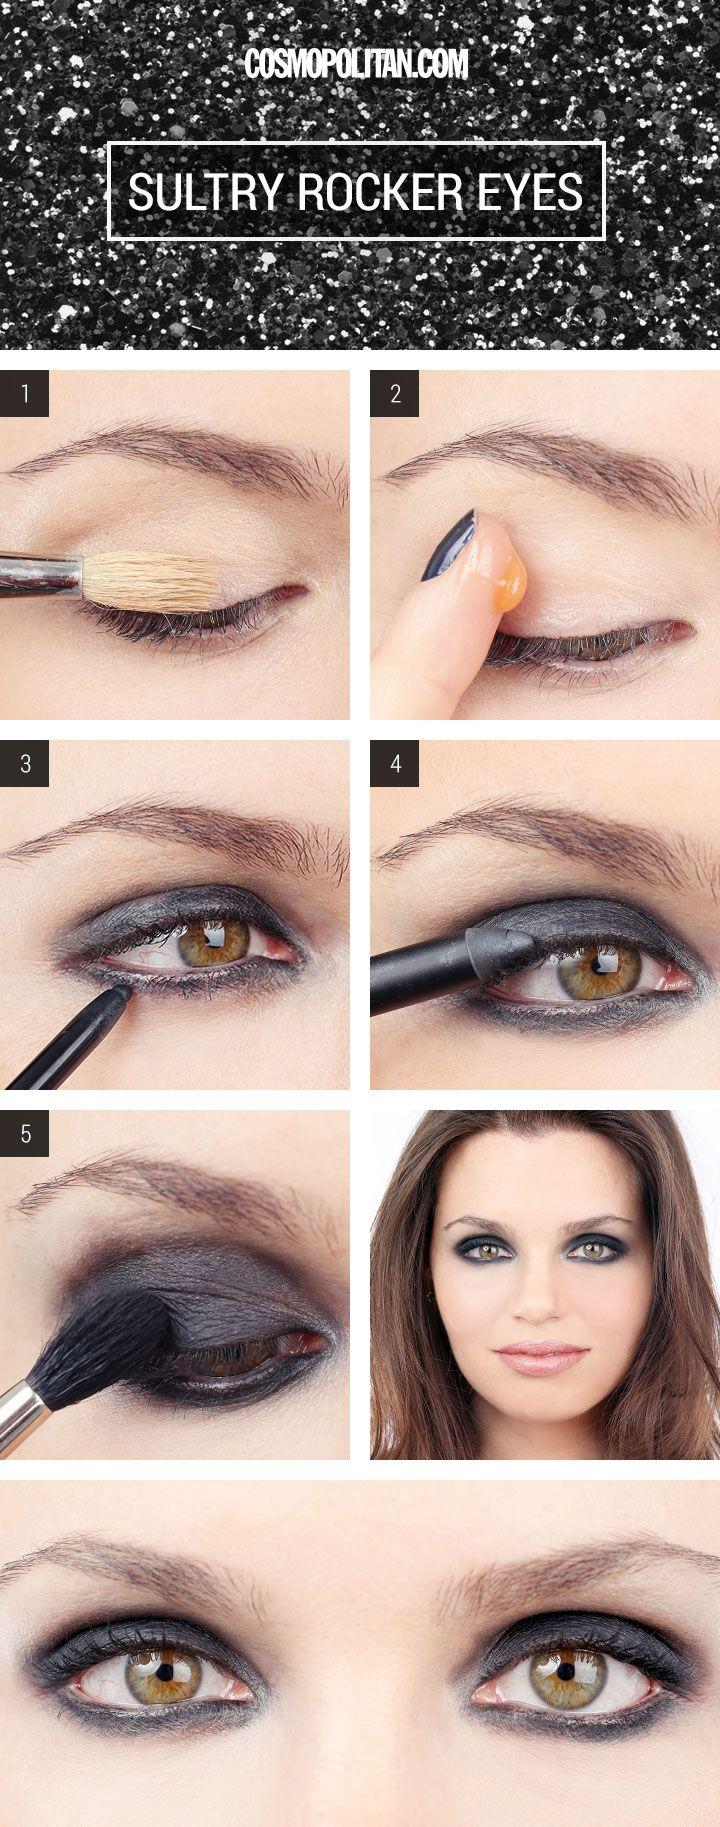 počet nápadov na tému sexy eye makeup na pintereste: 17 najlepších